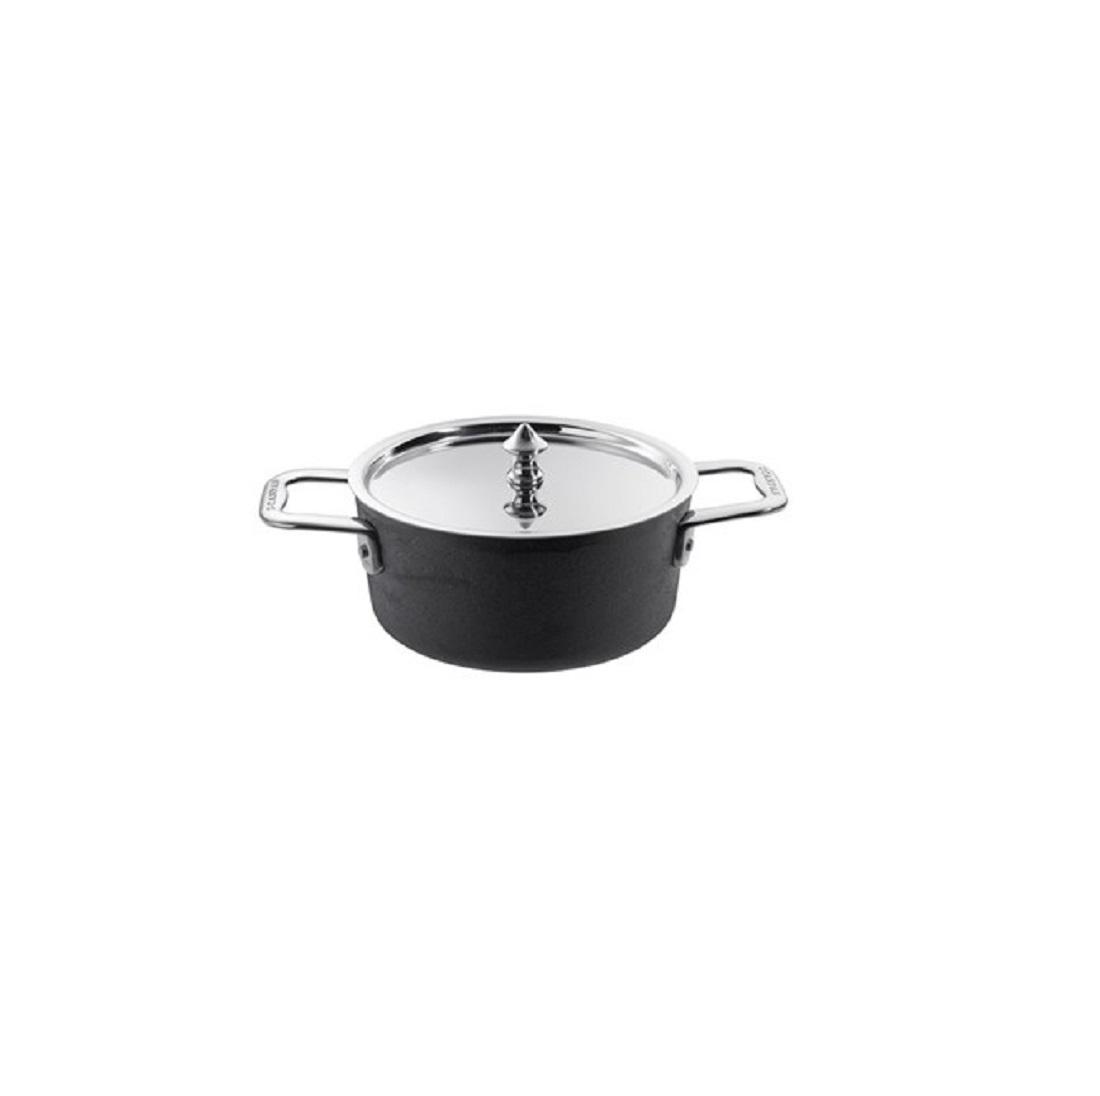 Онлайн каталог PROMENU: Кастрюля с крышкой порционная Scanpan MAITRE D, диаметр 14 см, объем 0,9 л, высота 6,7 см, черный                                   97251400